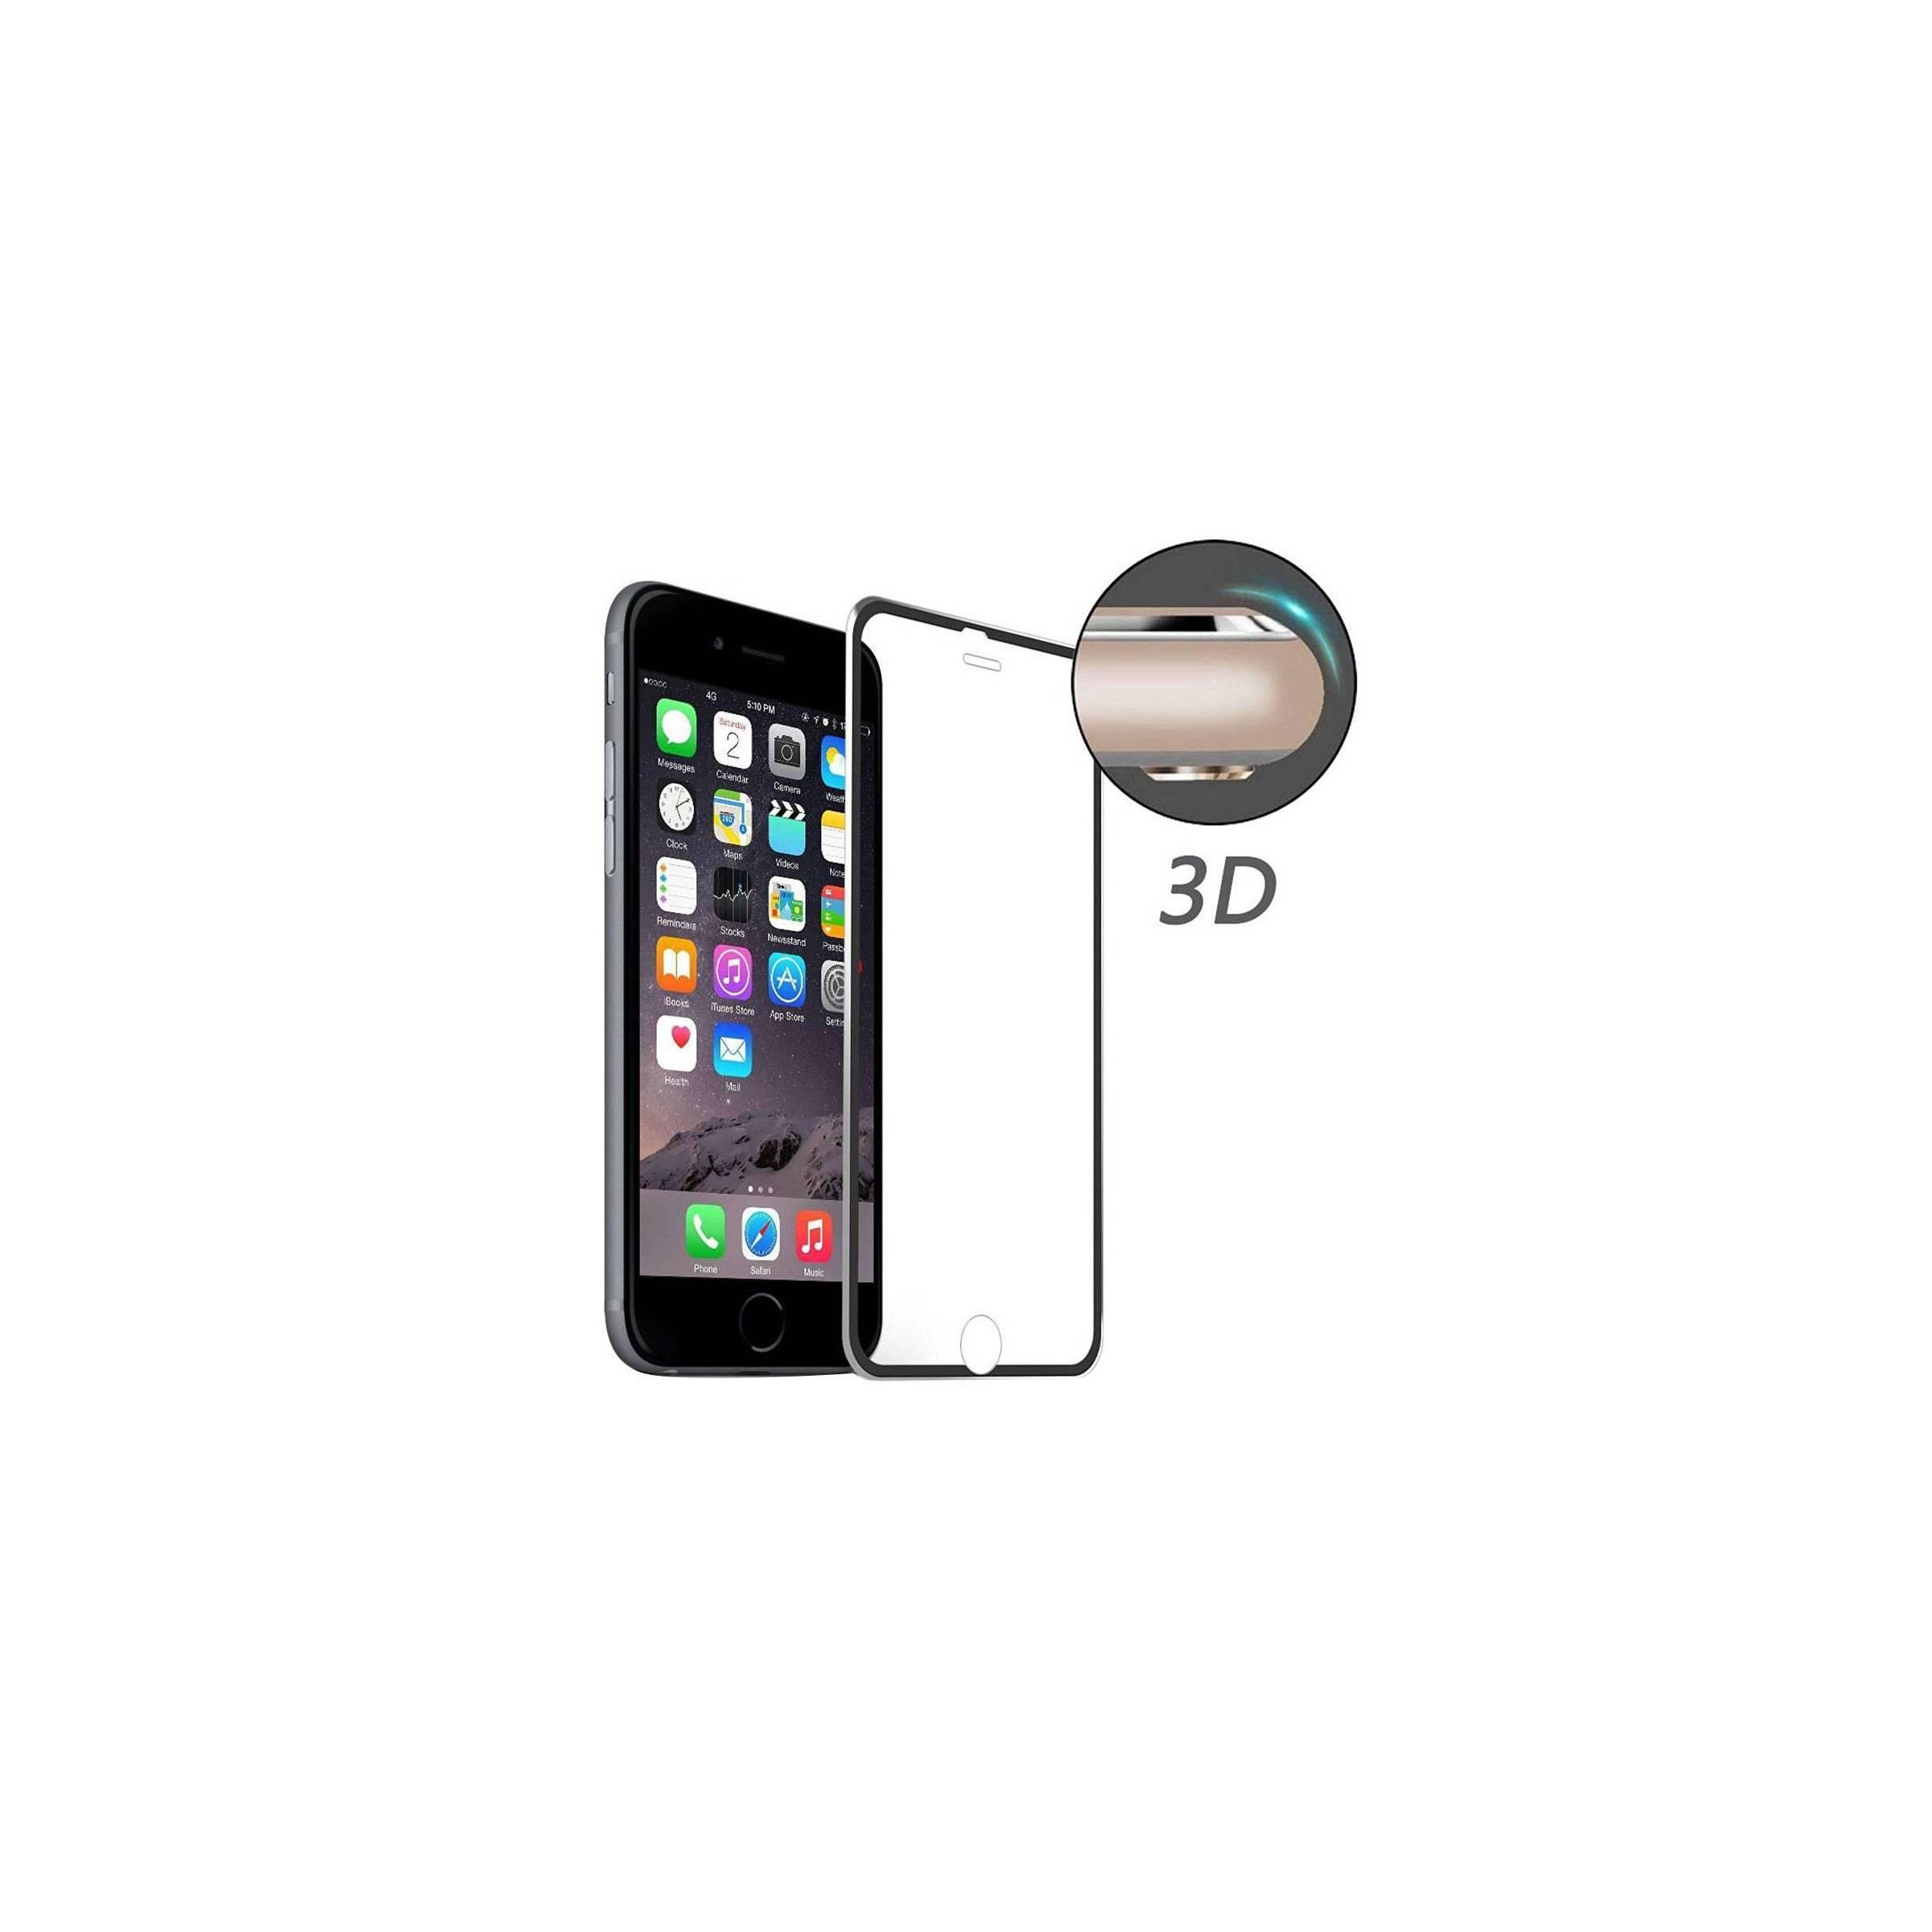 enkay Iphone beskyttelsesglas 3d farve sort, iphone iphone 6 / 6s / 7 / 8 / se 2020 på mackabler.dk